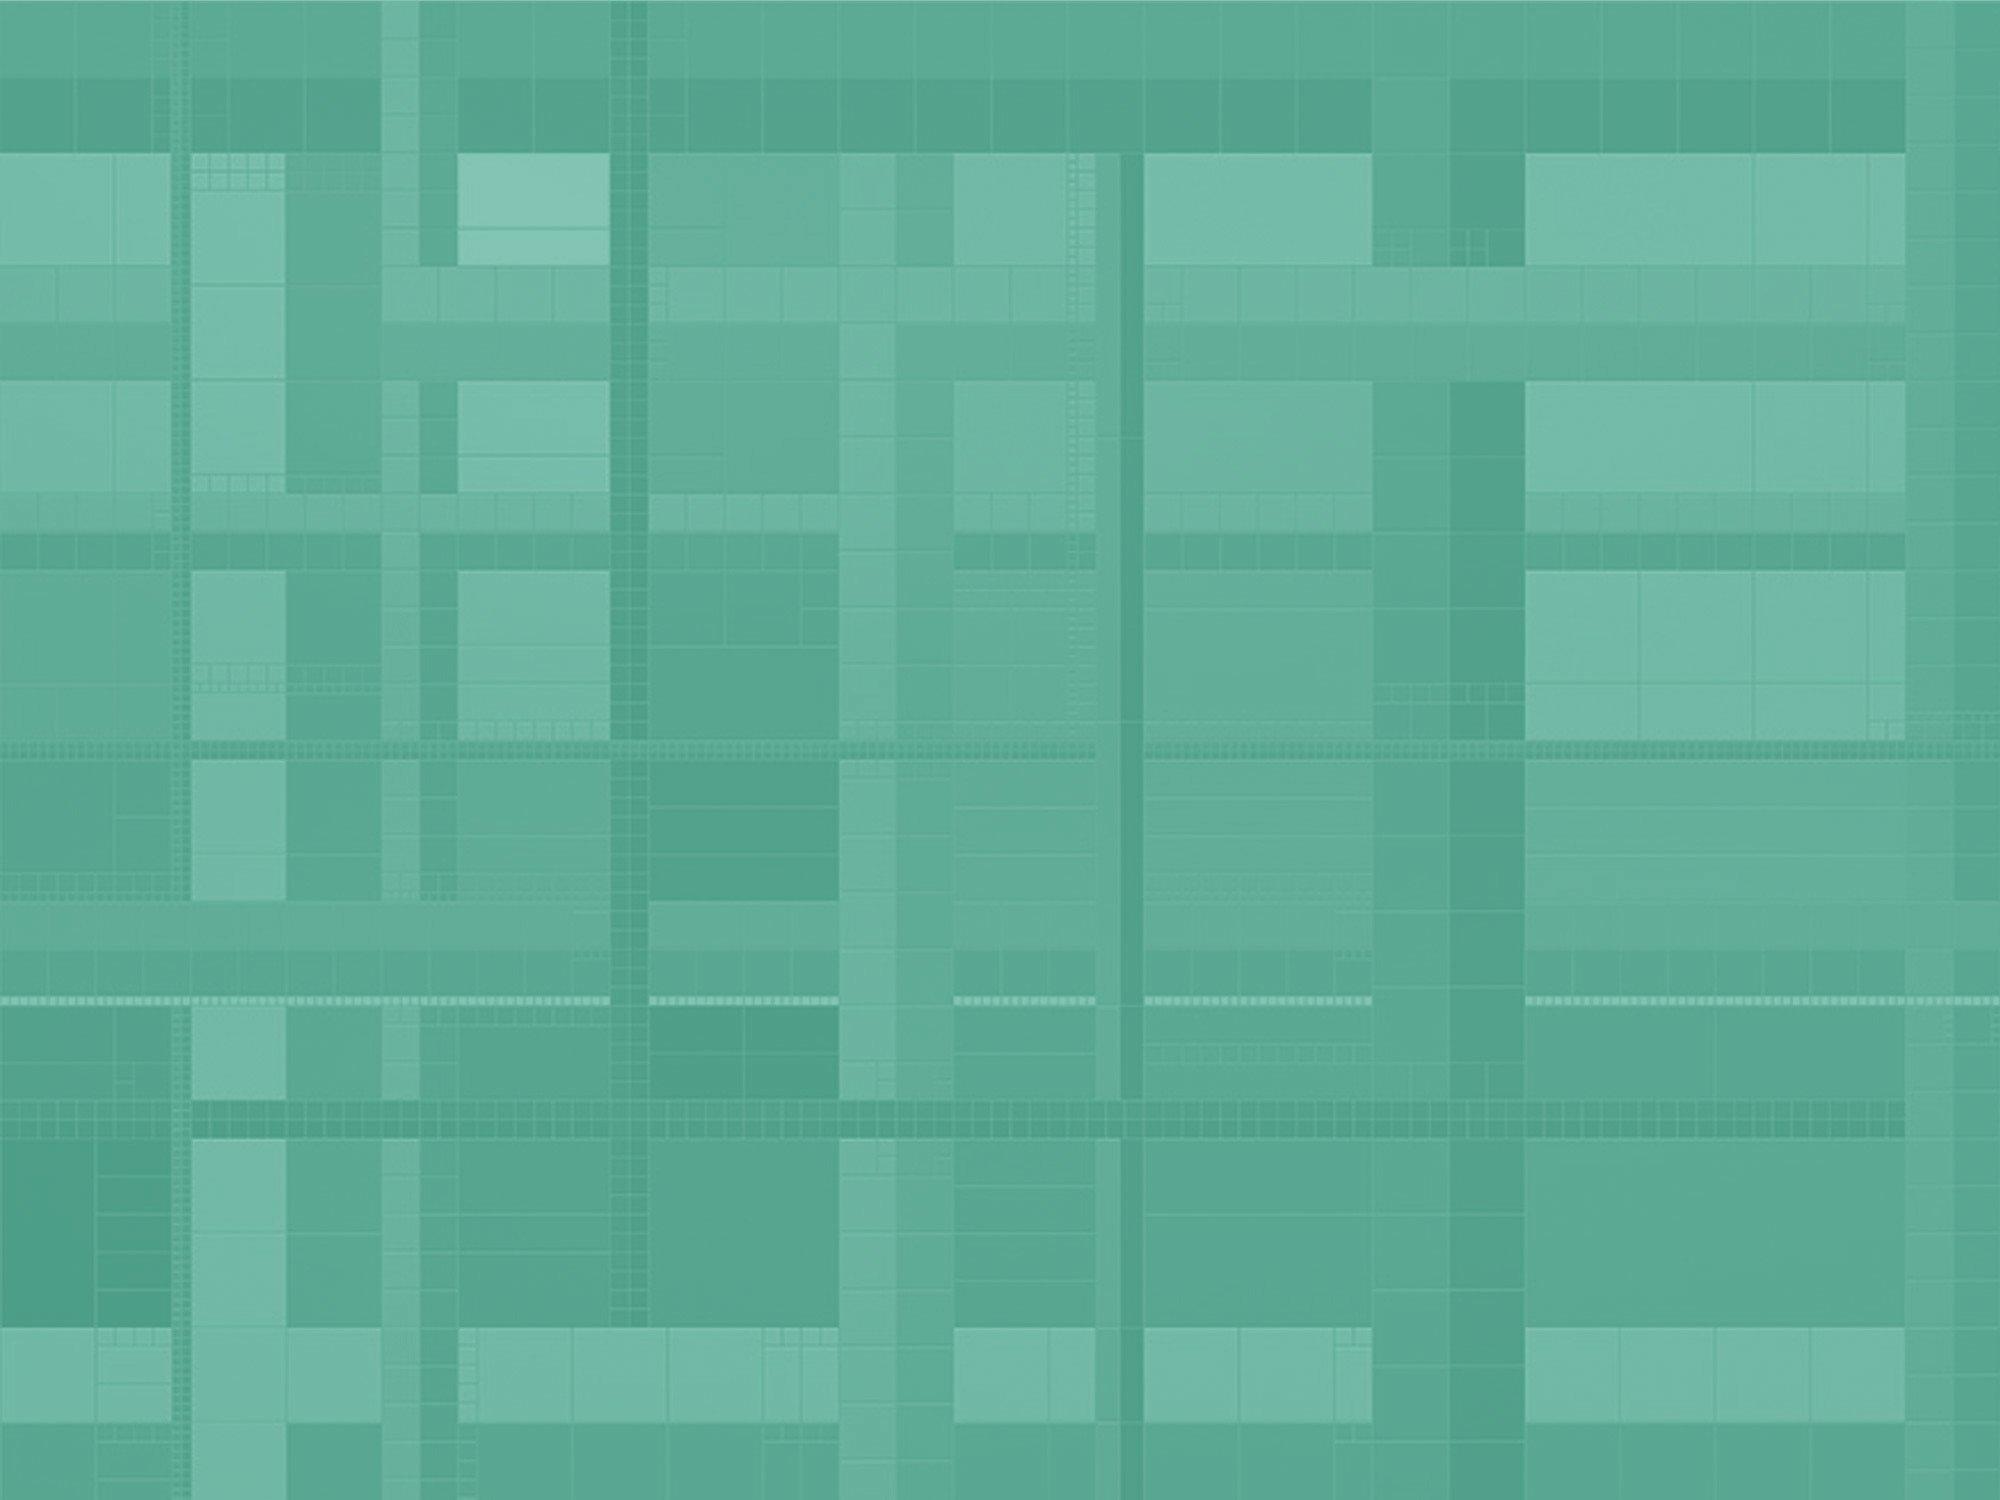 Bad Kche Wohnzimmer Oder Fassade Fliesen Keramische Belge Und Natursteine Sind Vielseitig Einsetzbar In Vielen Formaten Erhltlich